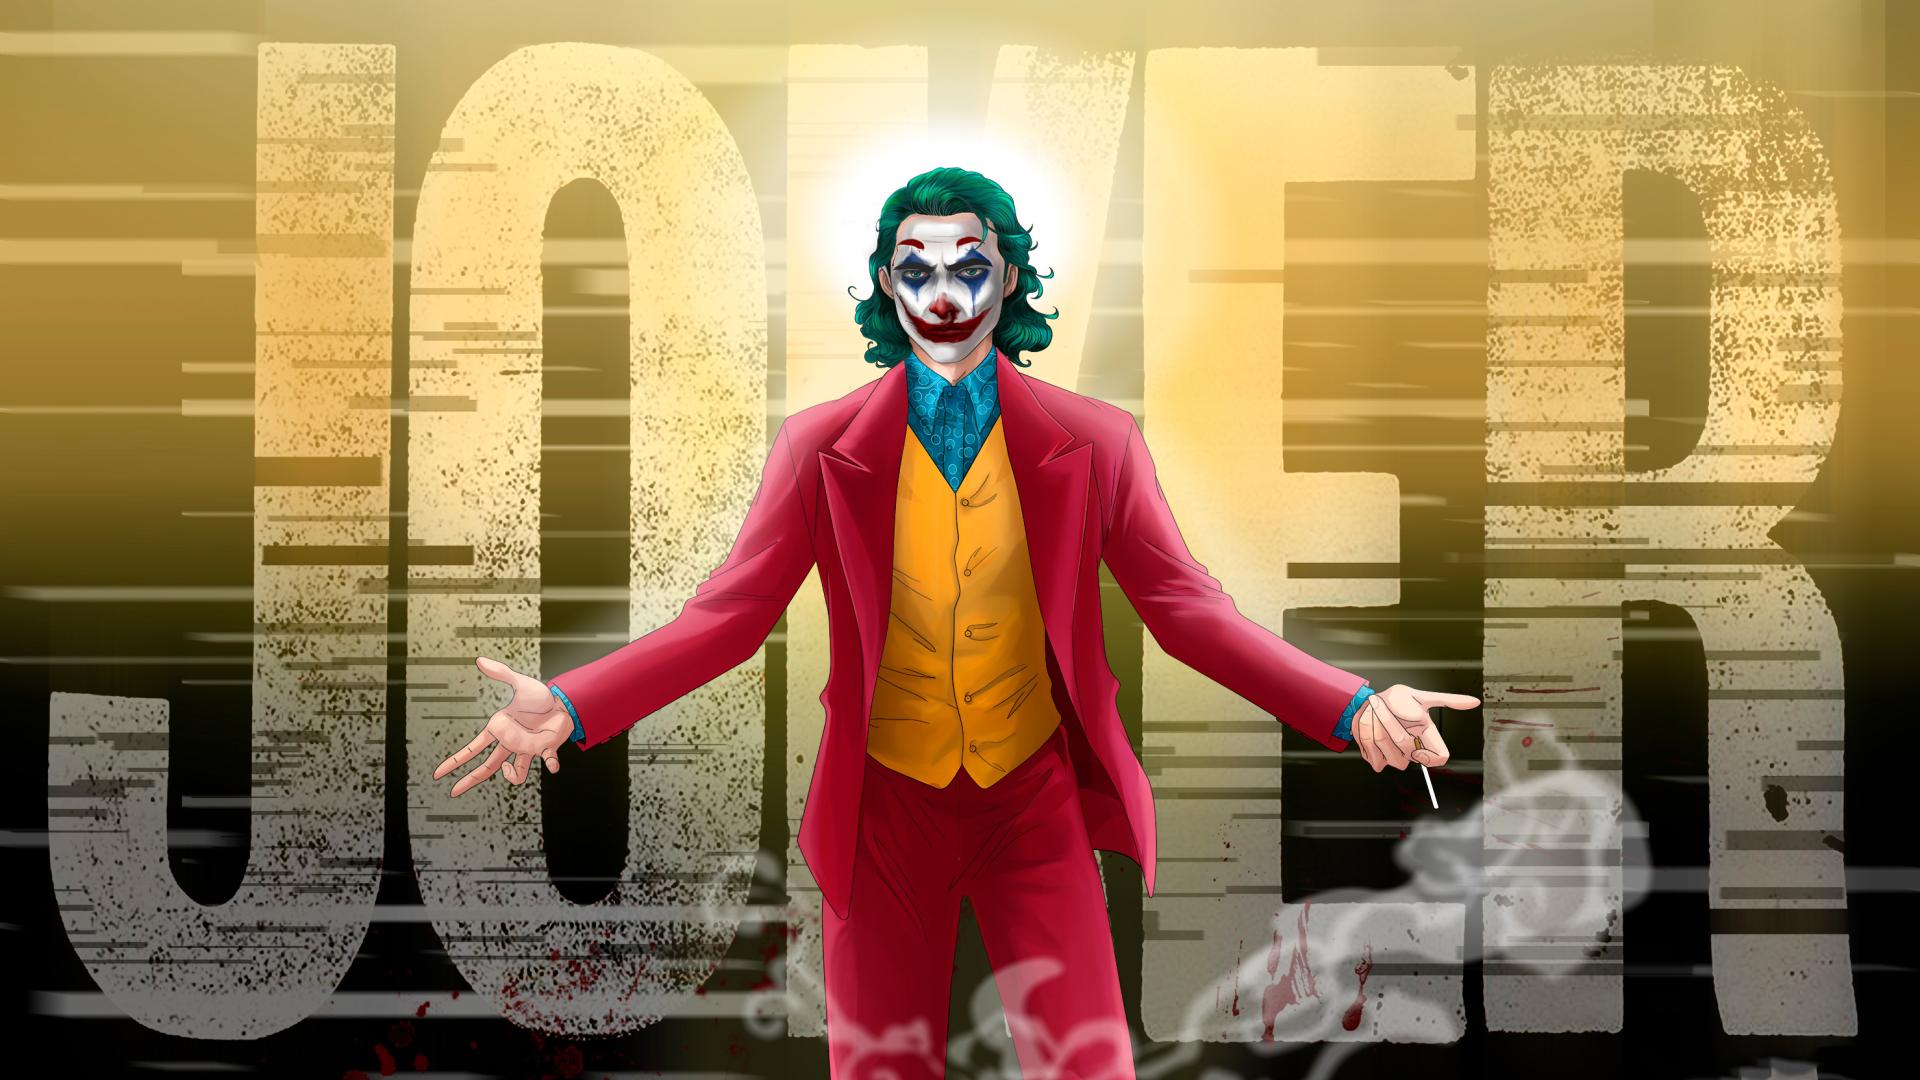 1920x1080 Joker 4k Art 1080p Laptop Full Hd Wallpaper Hd